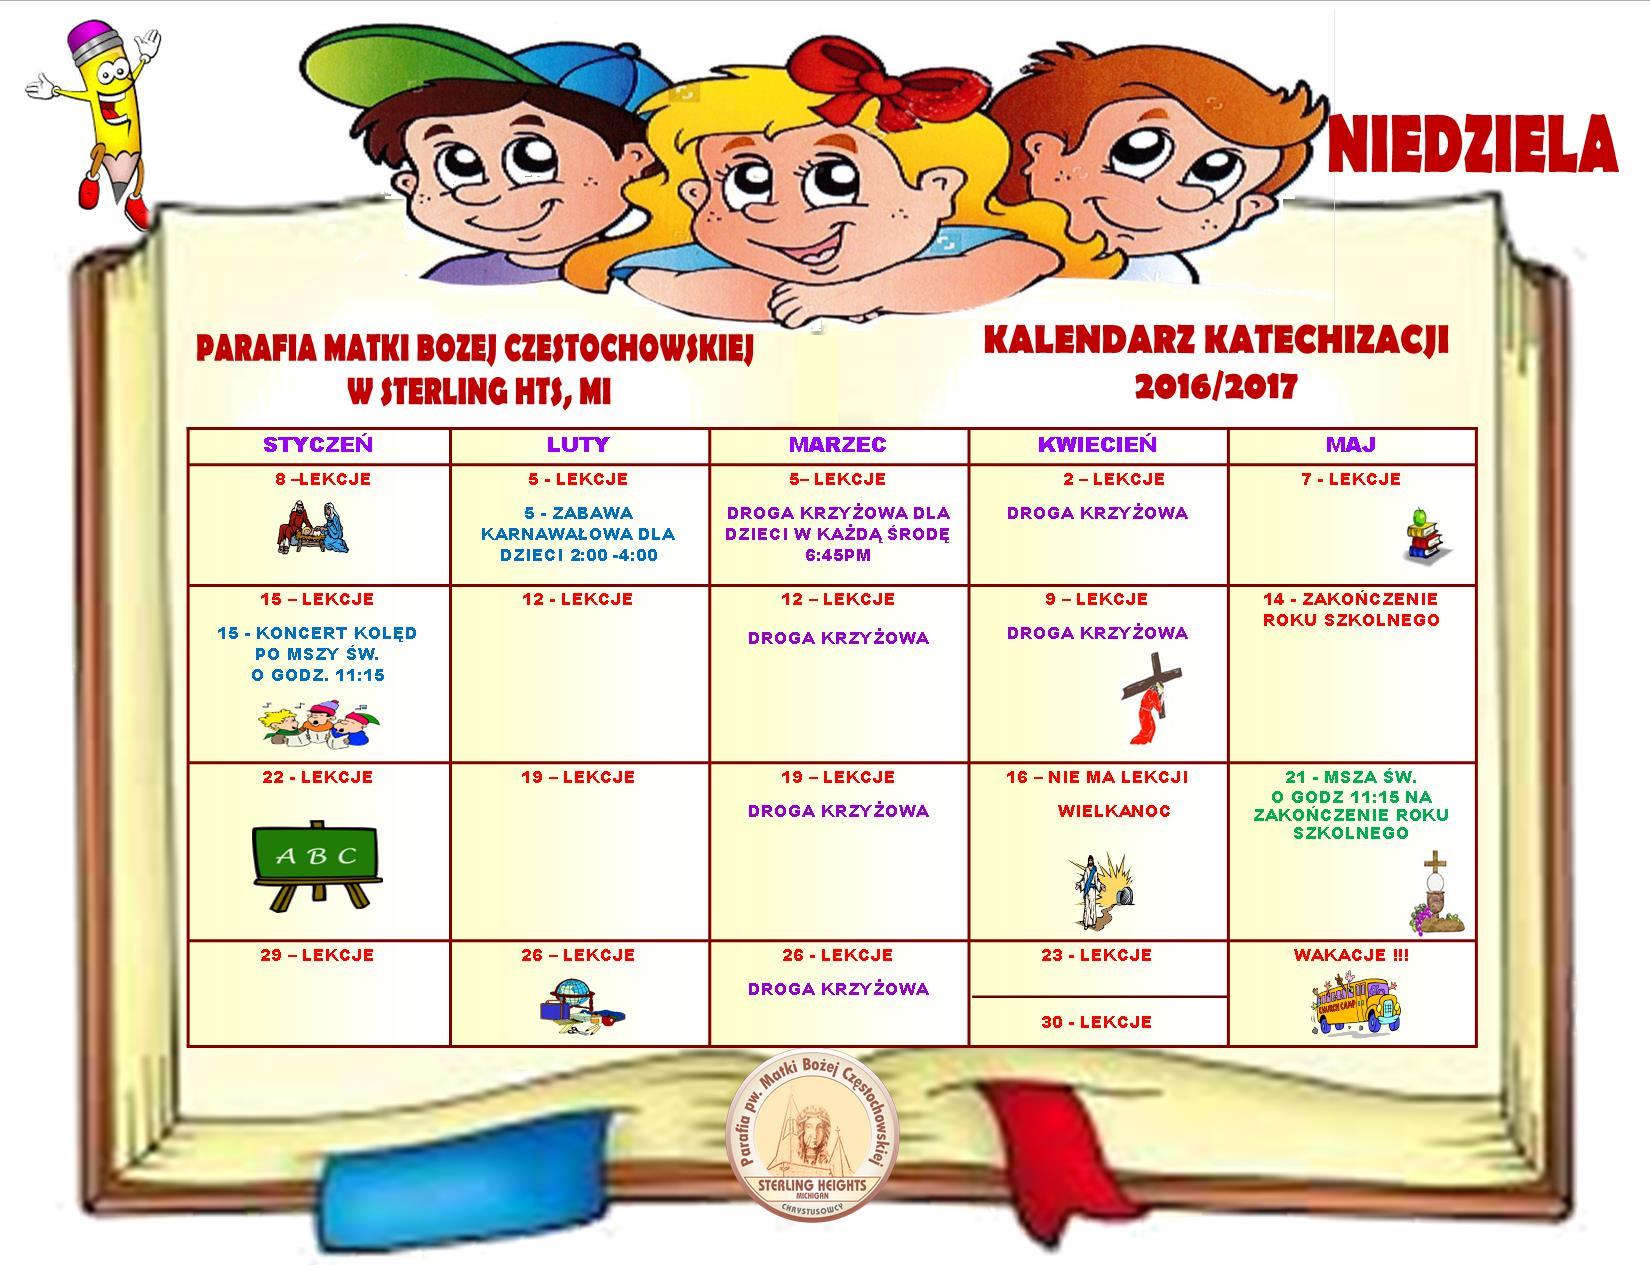 kalendarz-niedziela-2